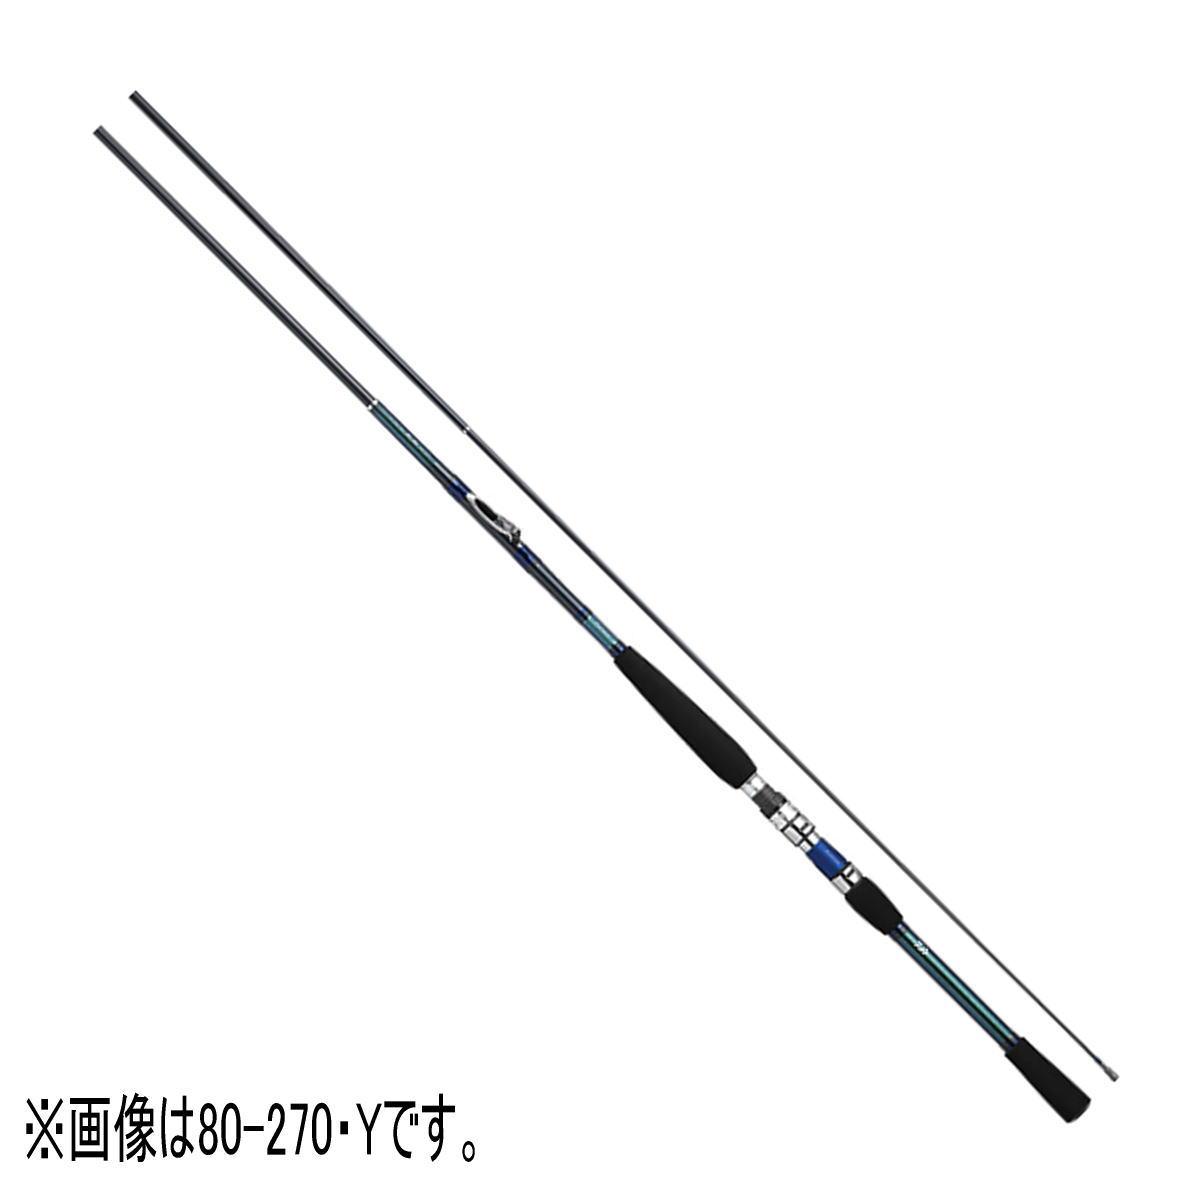 【送料無料5】ダイワ ロッド インターライン 帆影 50-270・Y